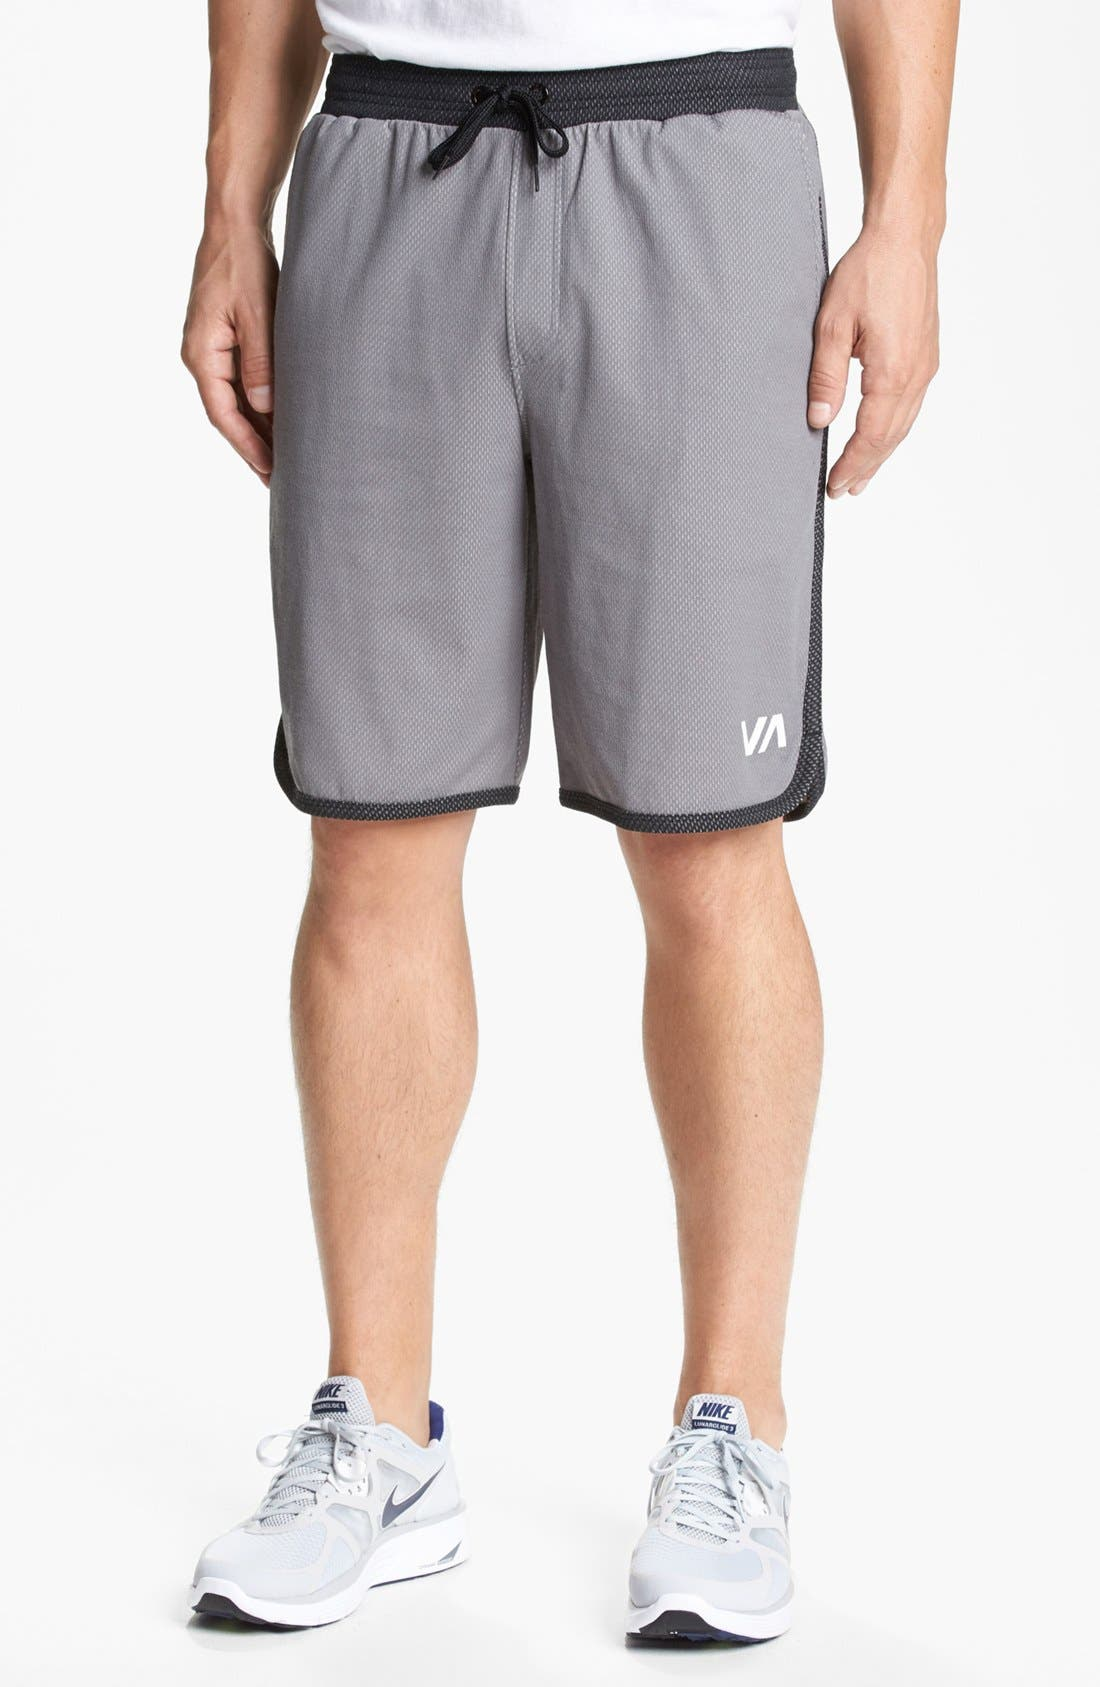 Main Image - RVCA 'VA Sport' Shorts